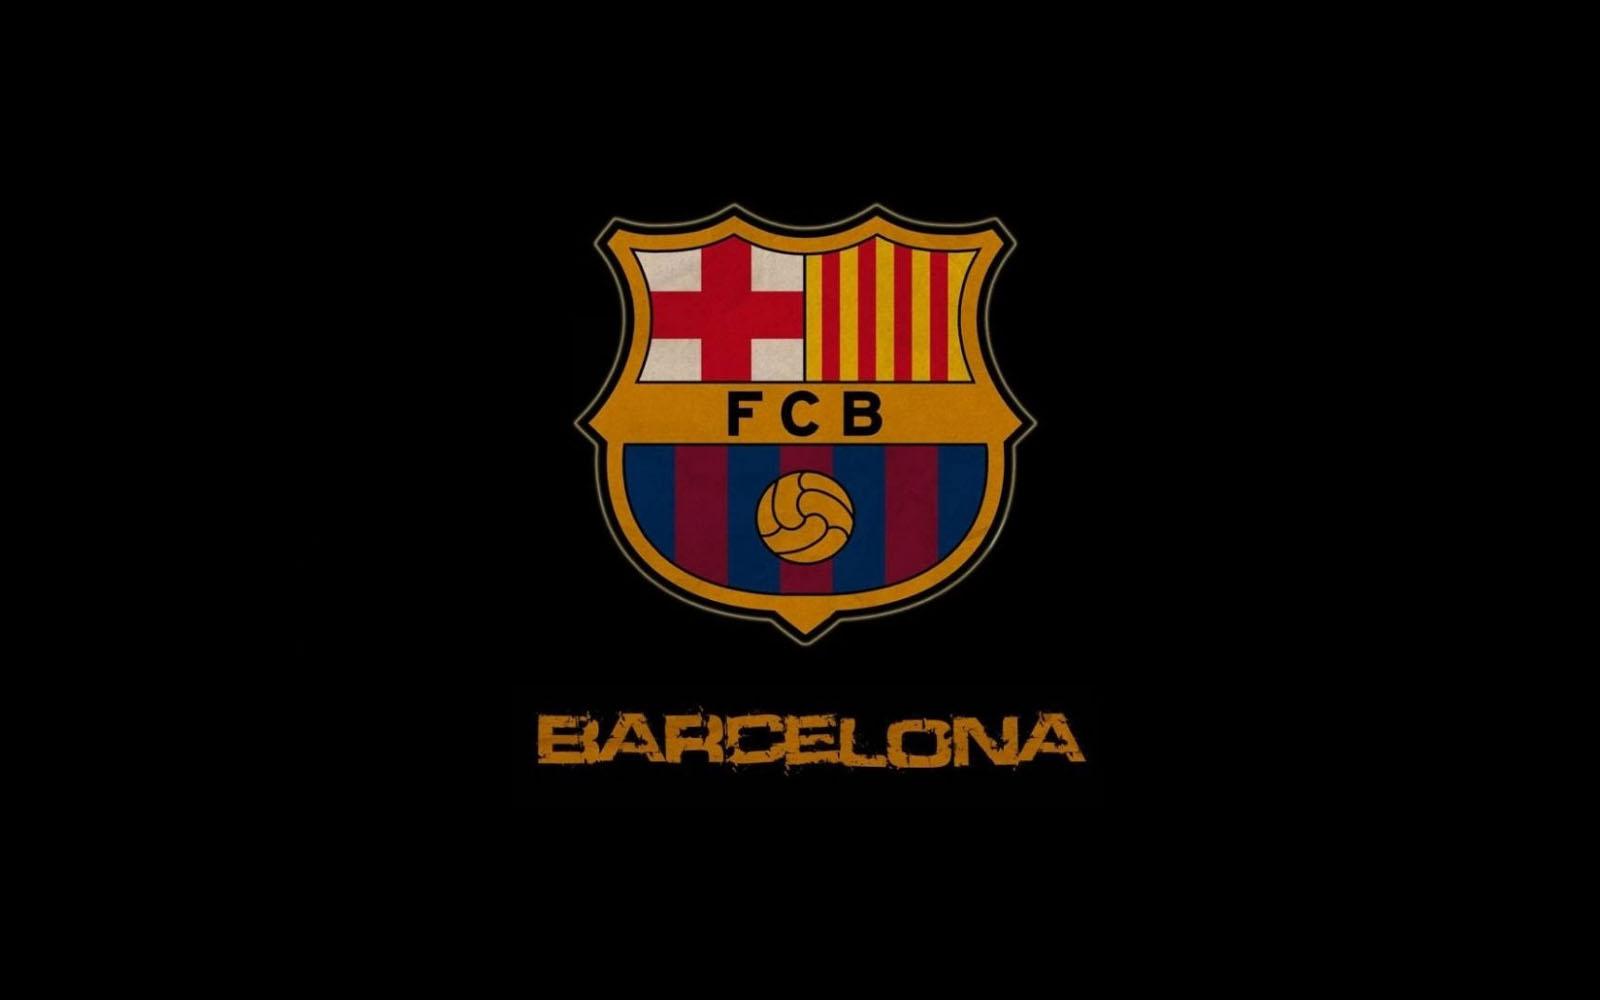 Barcelona_2013_Spanish_La_Liga_Champion_Logo_HD_Desktop_Wallpaper_citiesandteams.blogspot.com.jpg